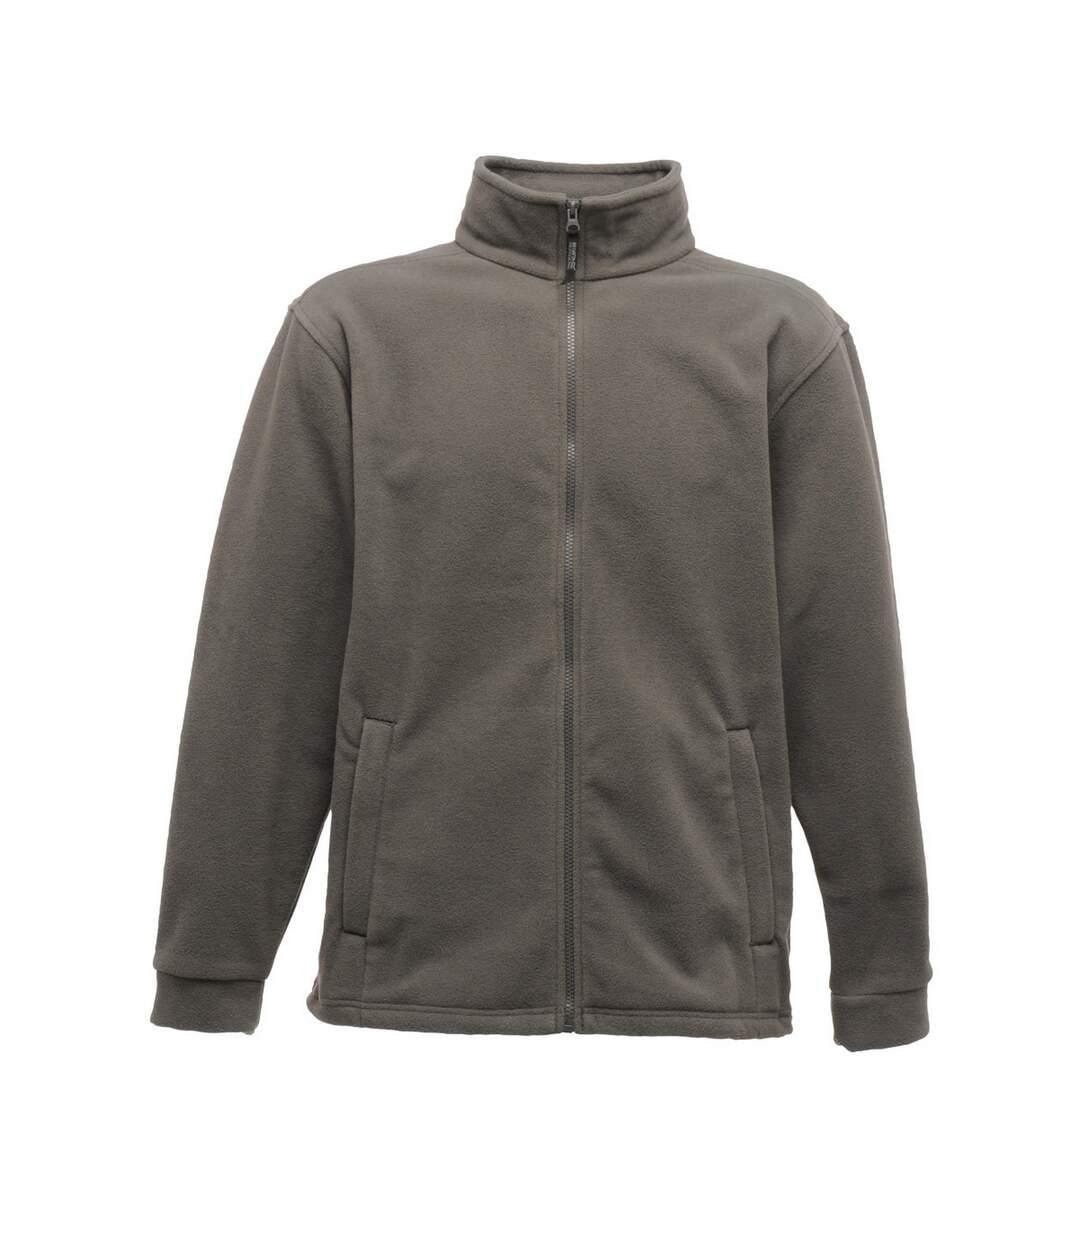 Regatta Mens Thor 300 Full Zip Fleece Jacket (Seal Grey) - UTRG1533